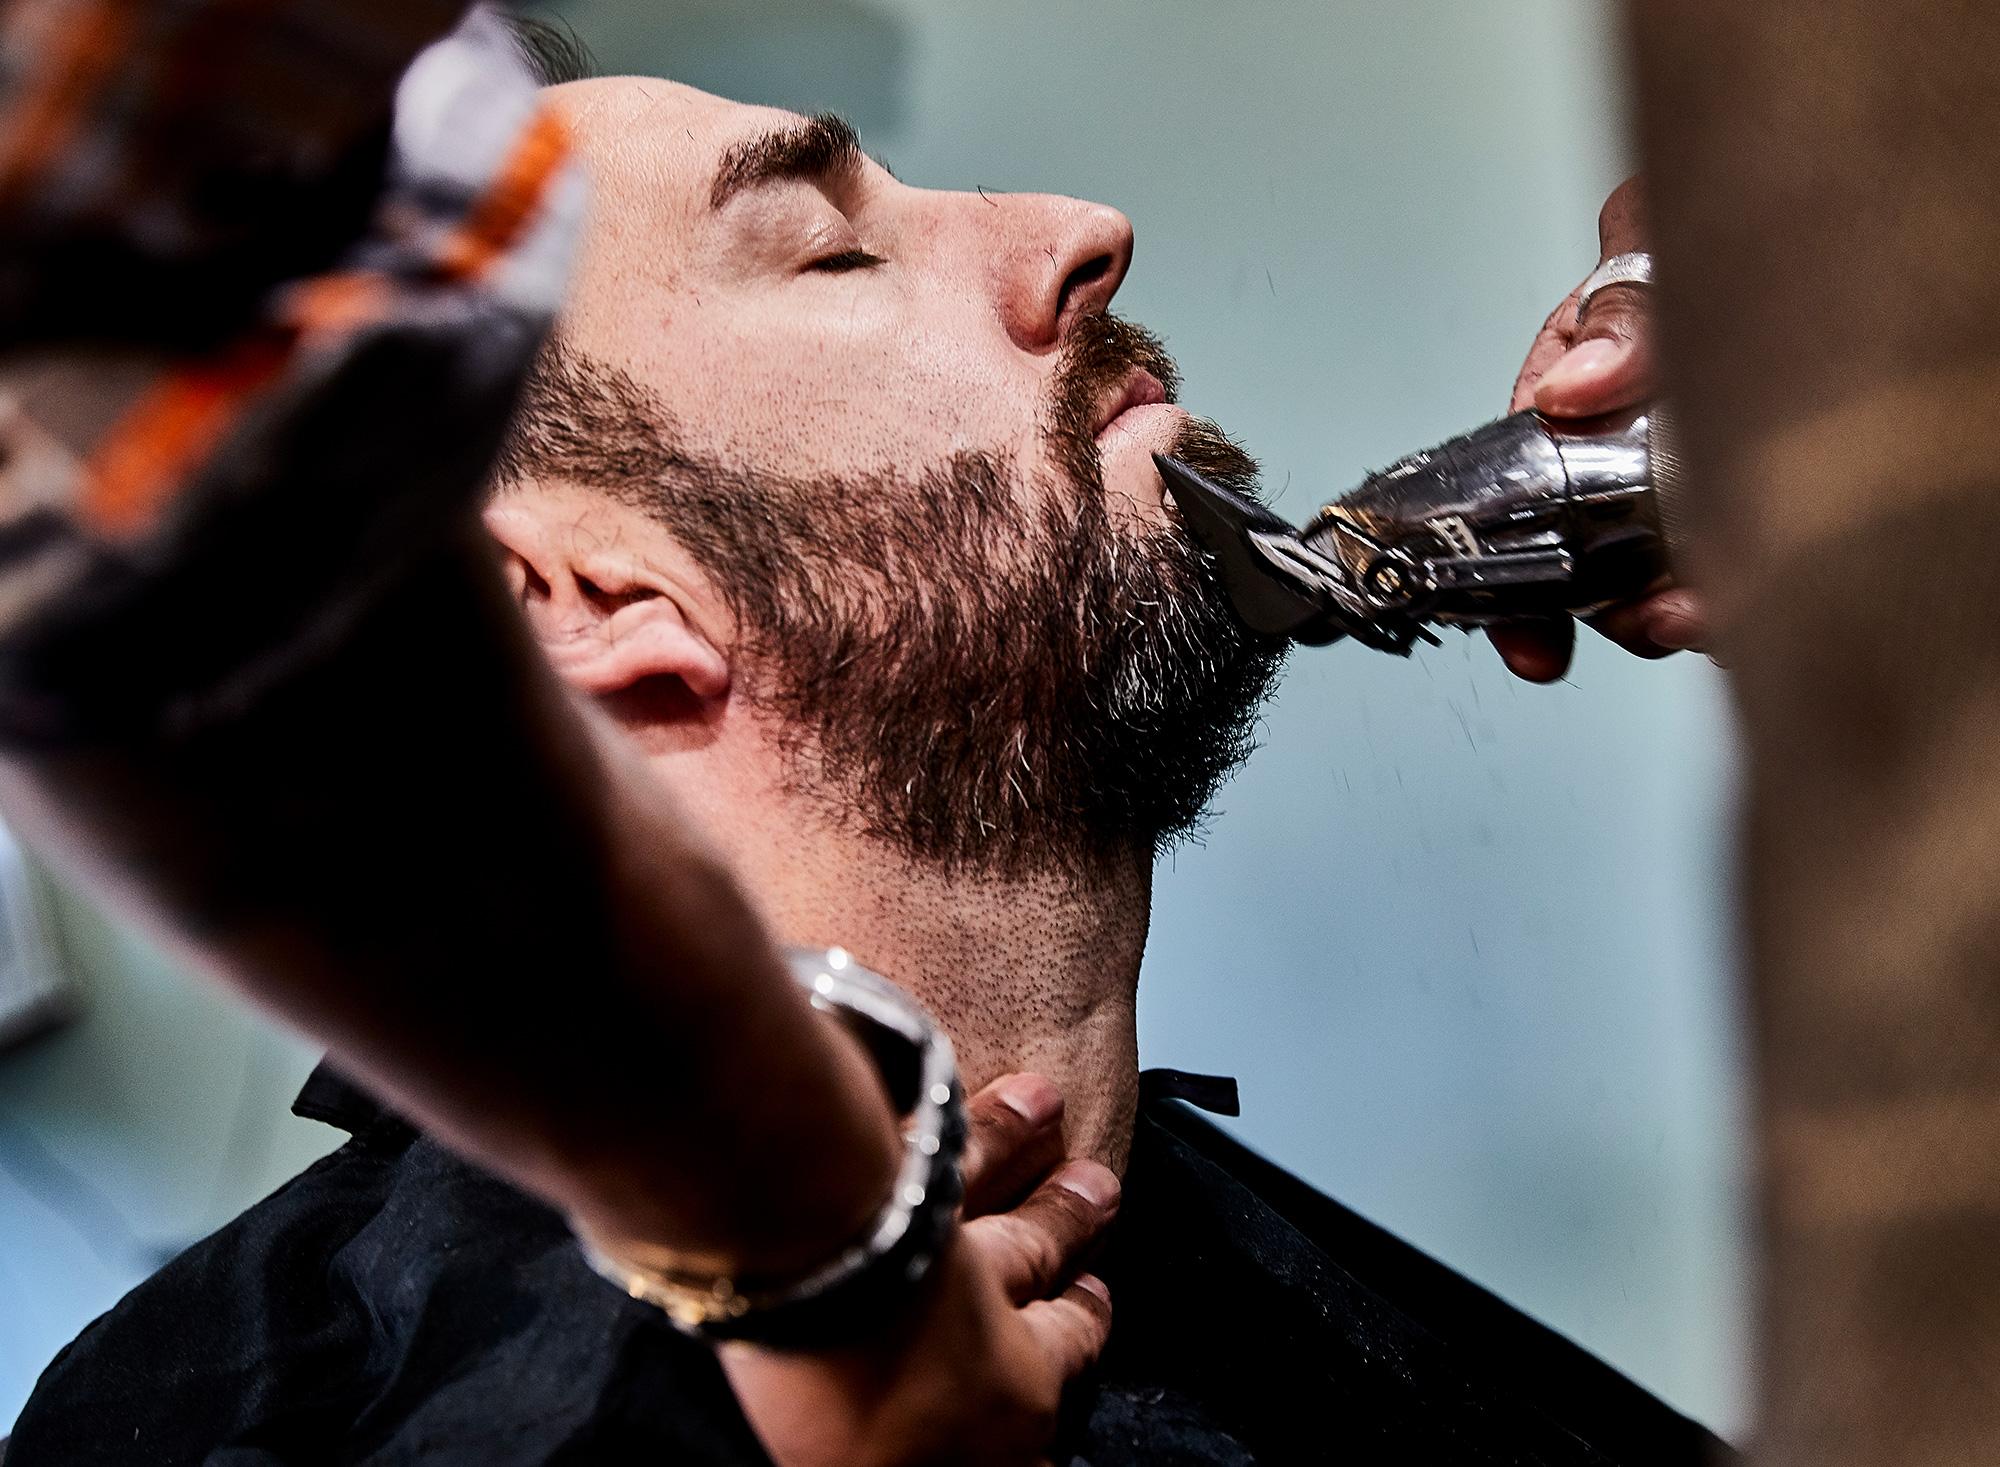 scott-brown-mens-grooming-olney-30.jpg